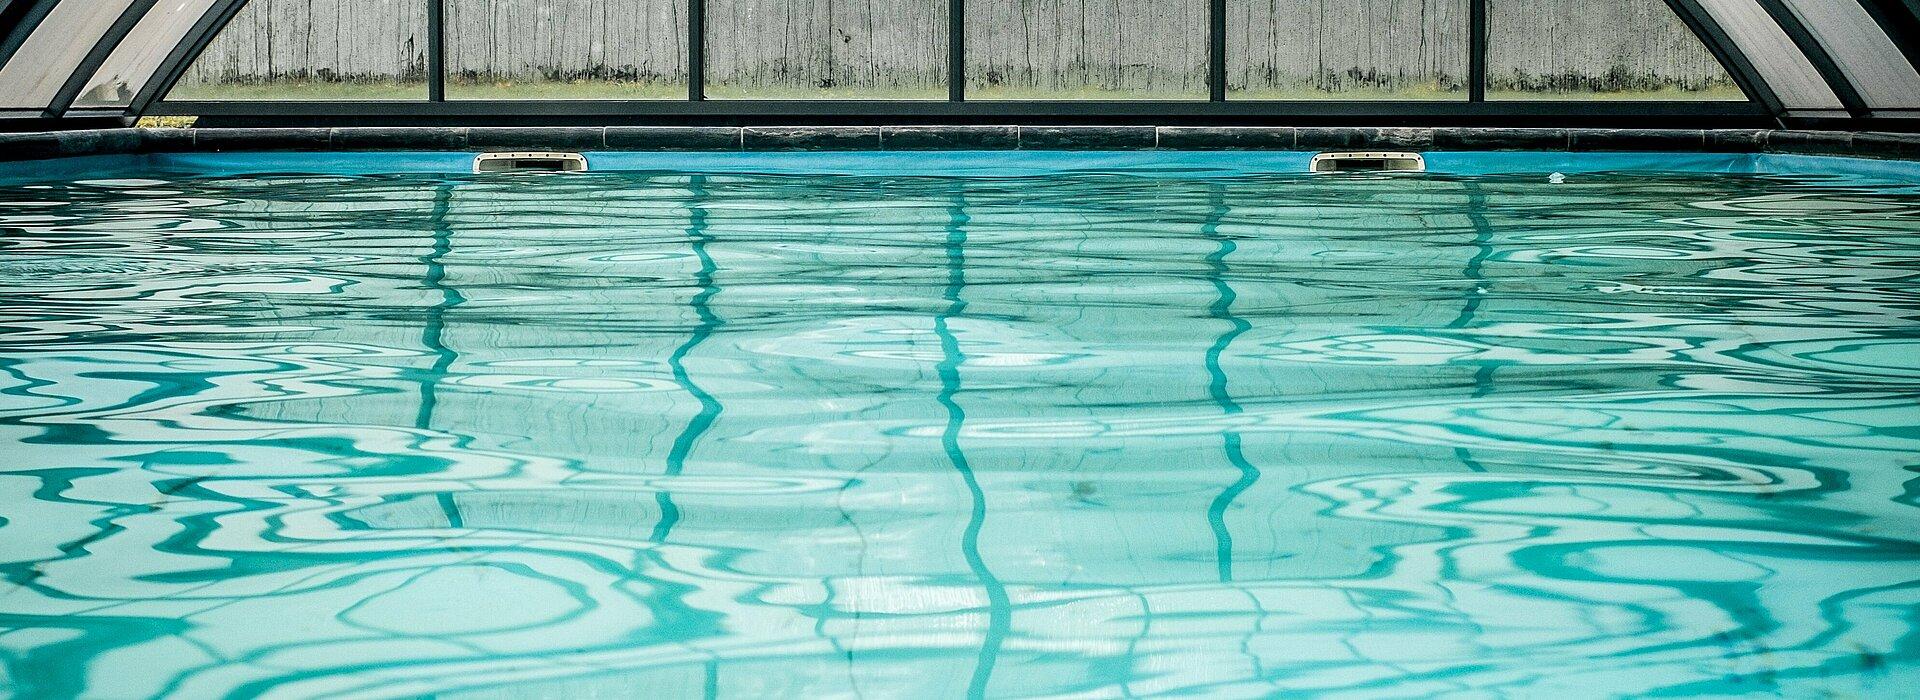 Foto de uma piscina, superfície da água.